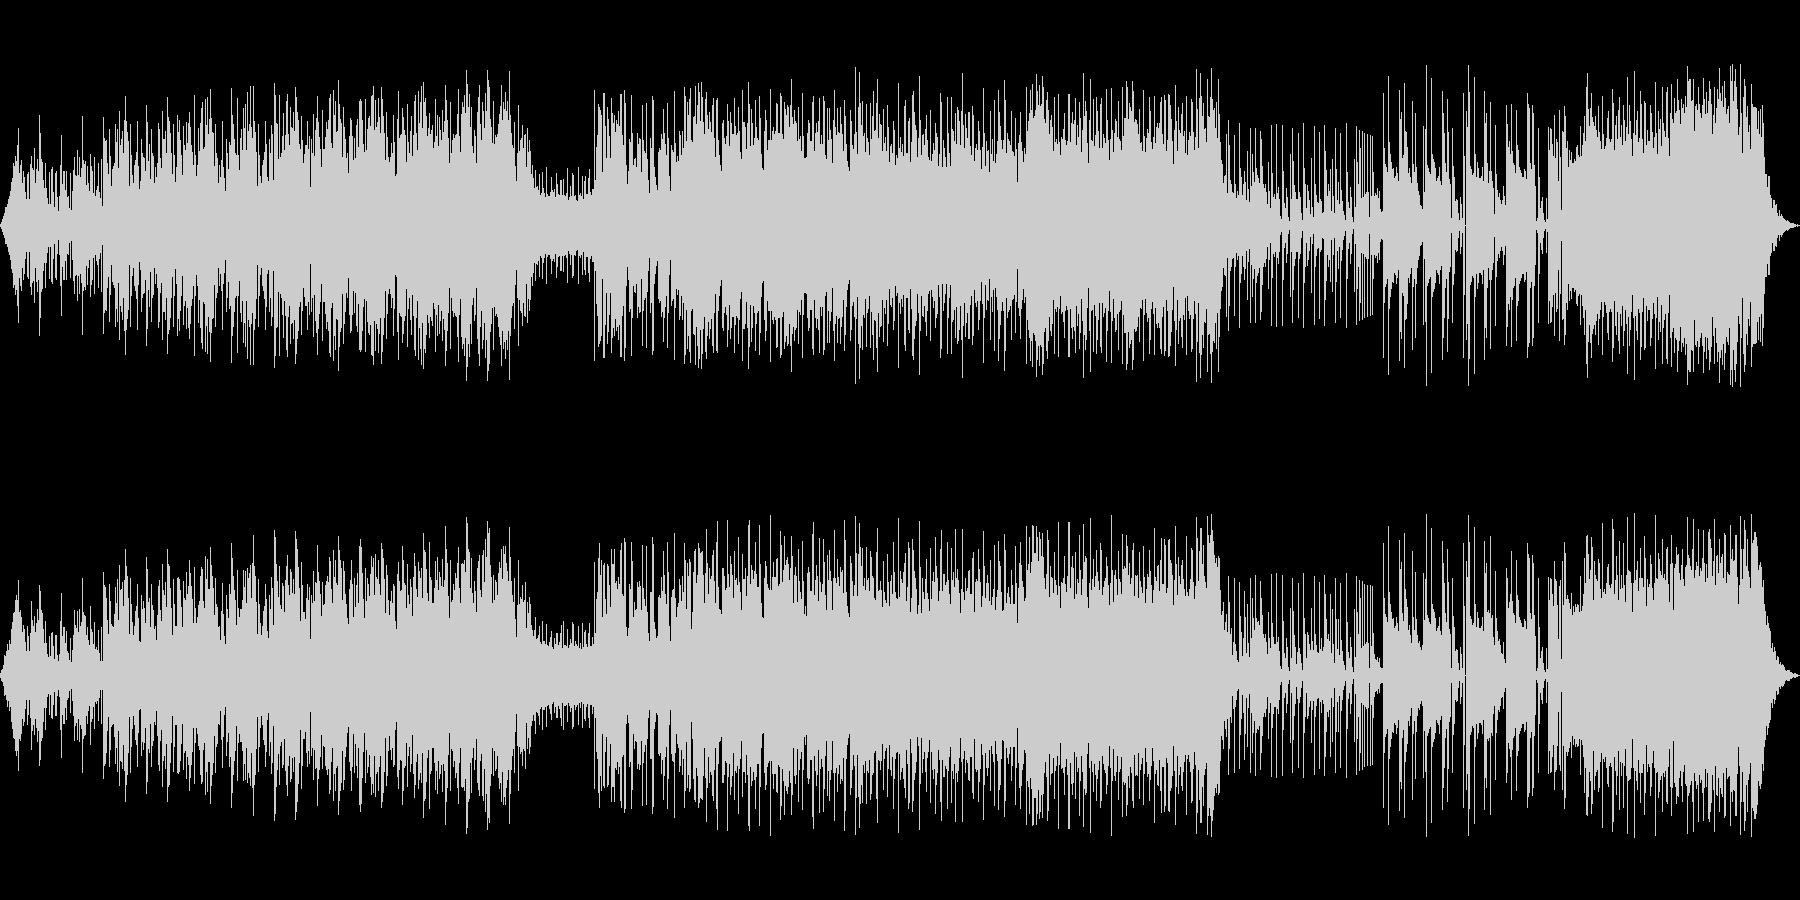 独特な緊張感のあるエレクトロニックロックの未再生の波形